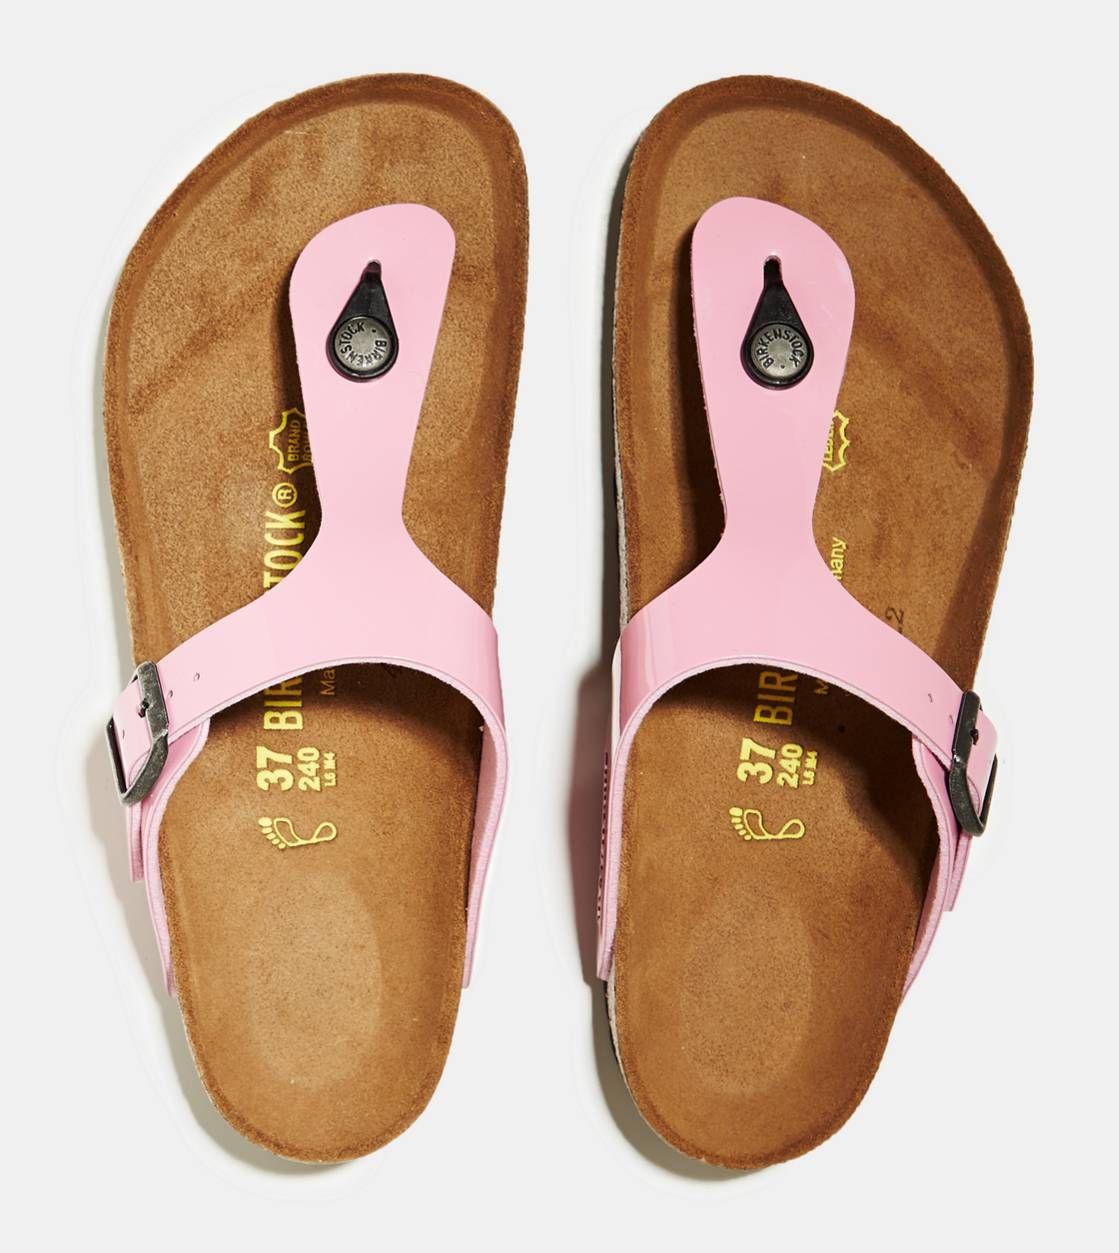 aad1899f6ba3 Birkenstock Gizeh Habana Sandal in Pink. Low key want.